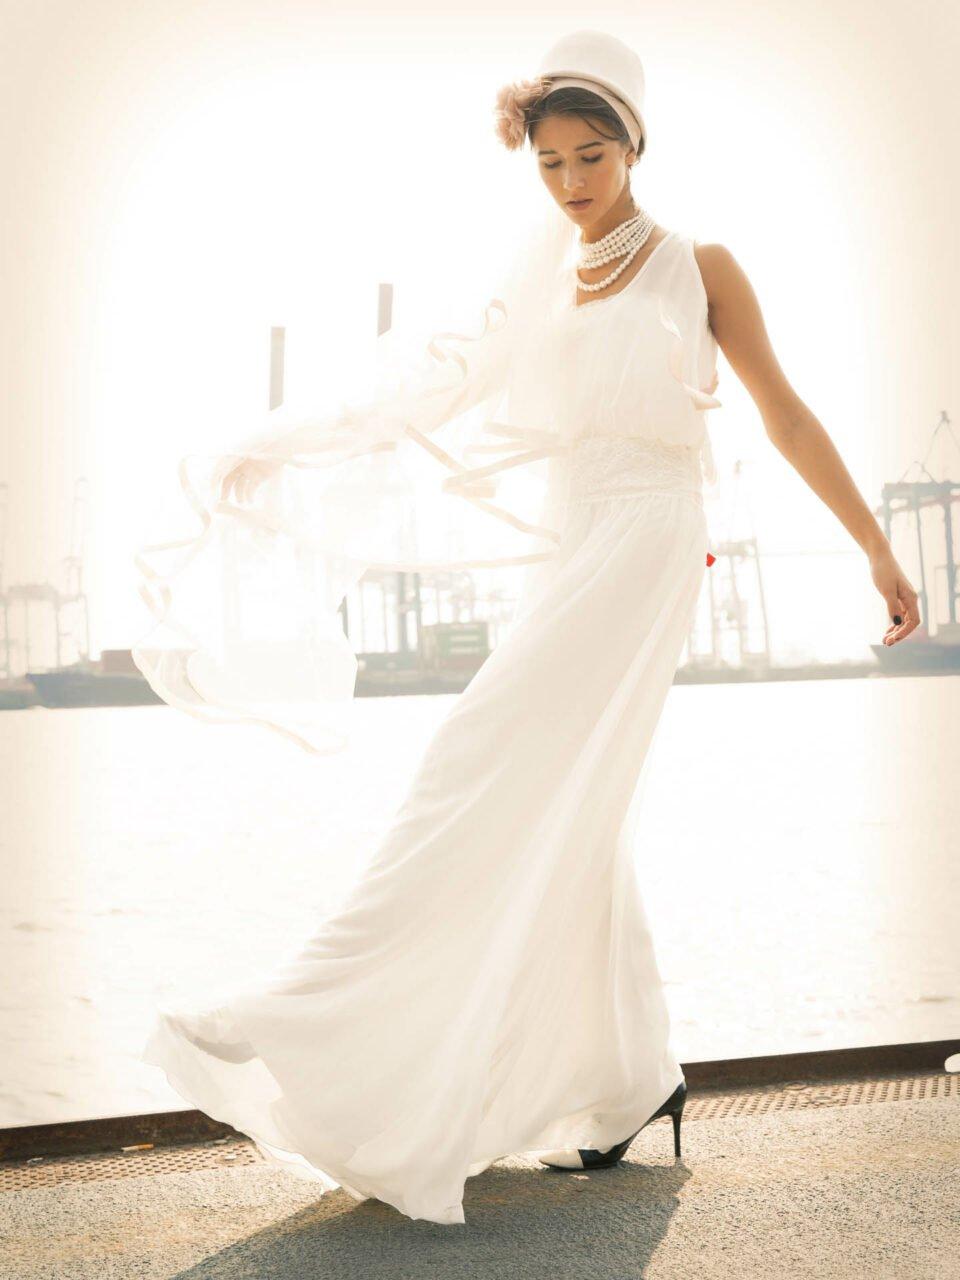 Braut mit 20er Jahre Hochzeitsoutfit am Hafen